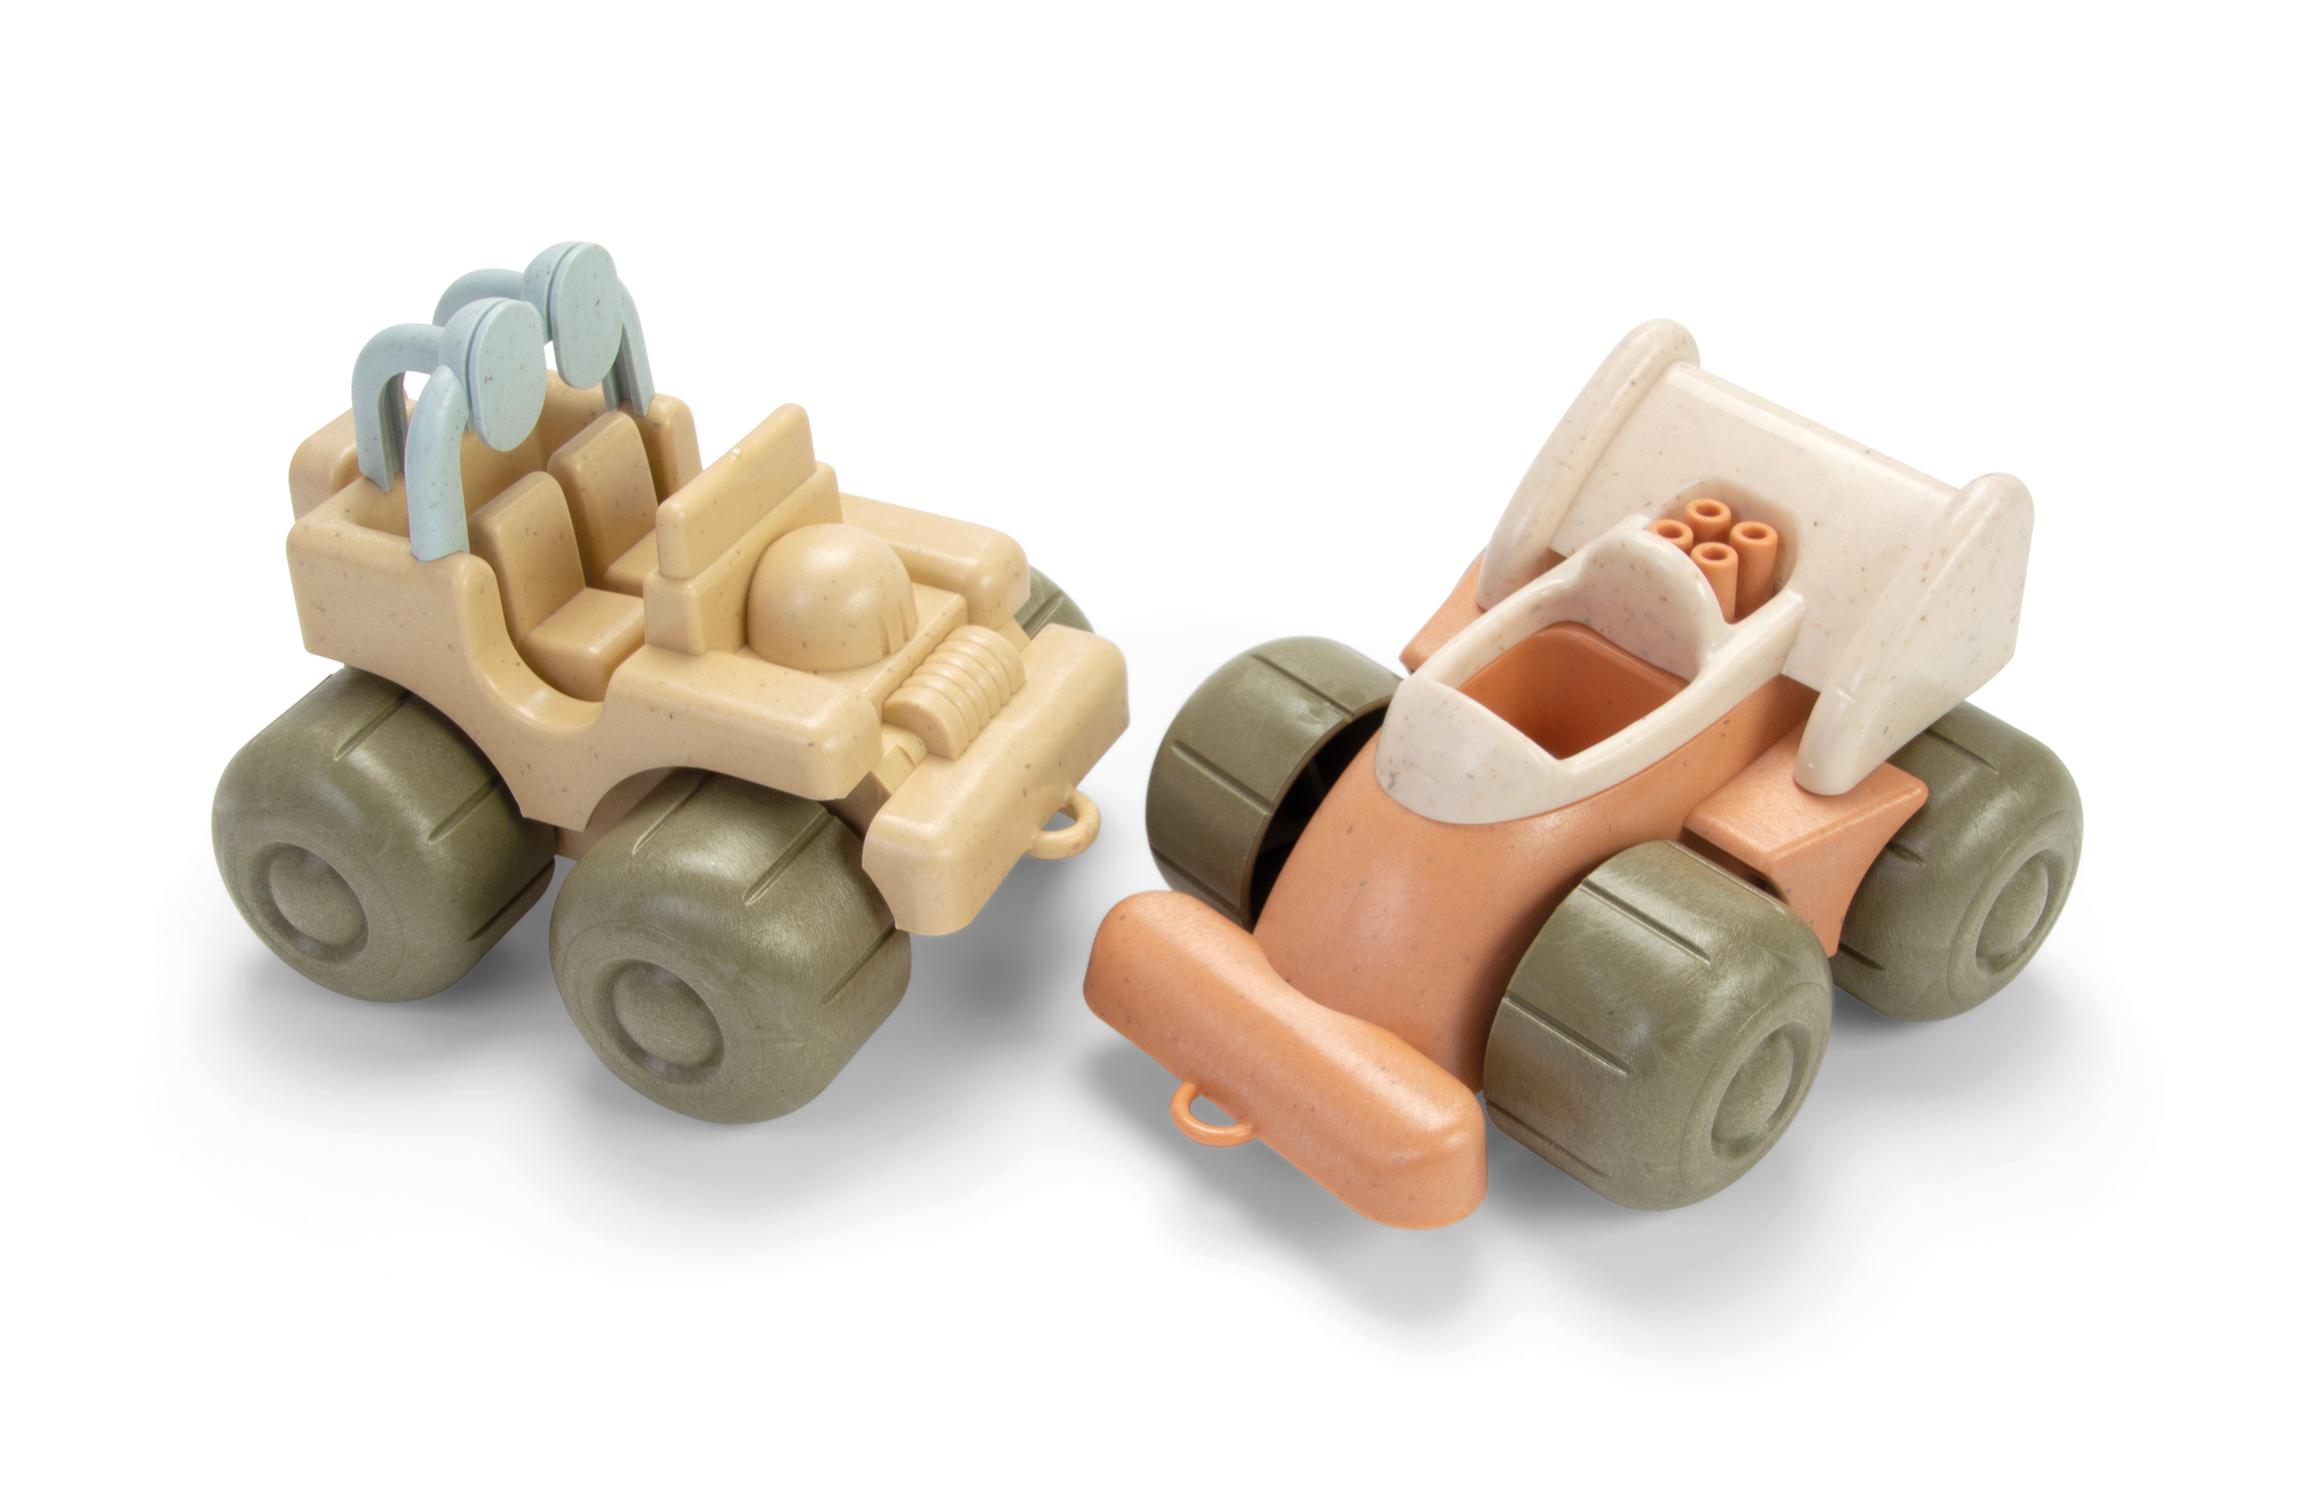 dantoy jouet bio plastique écologique écolabel voiture